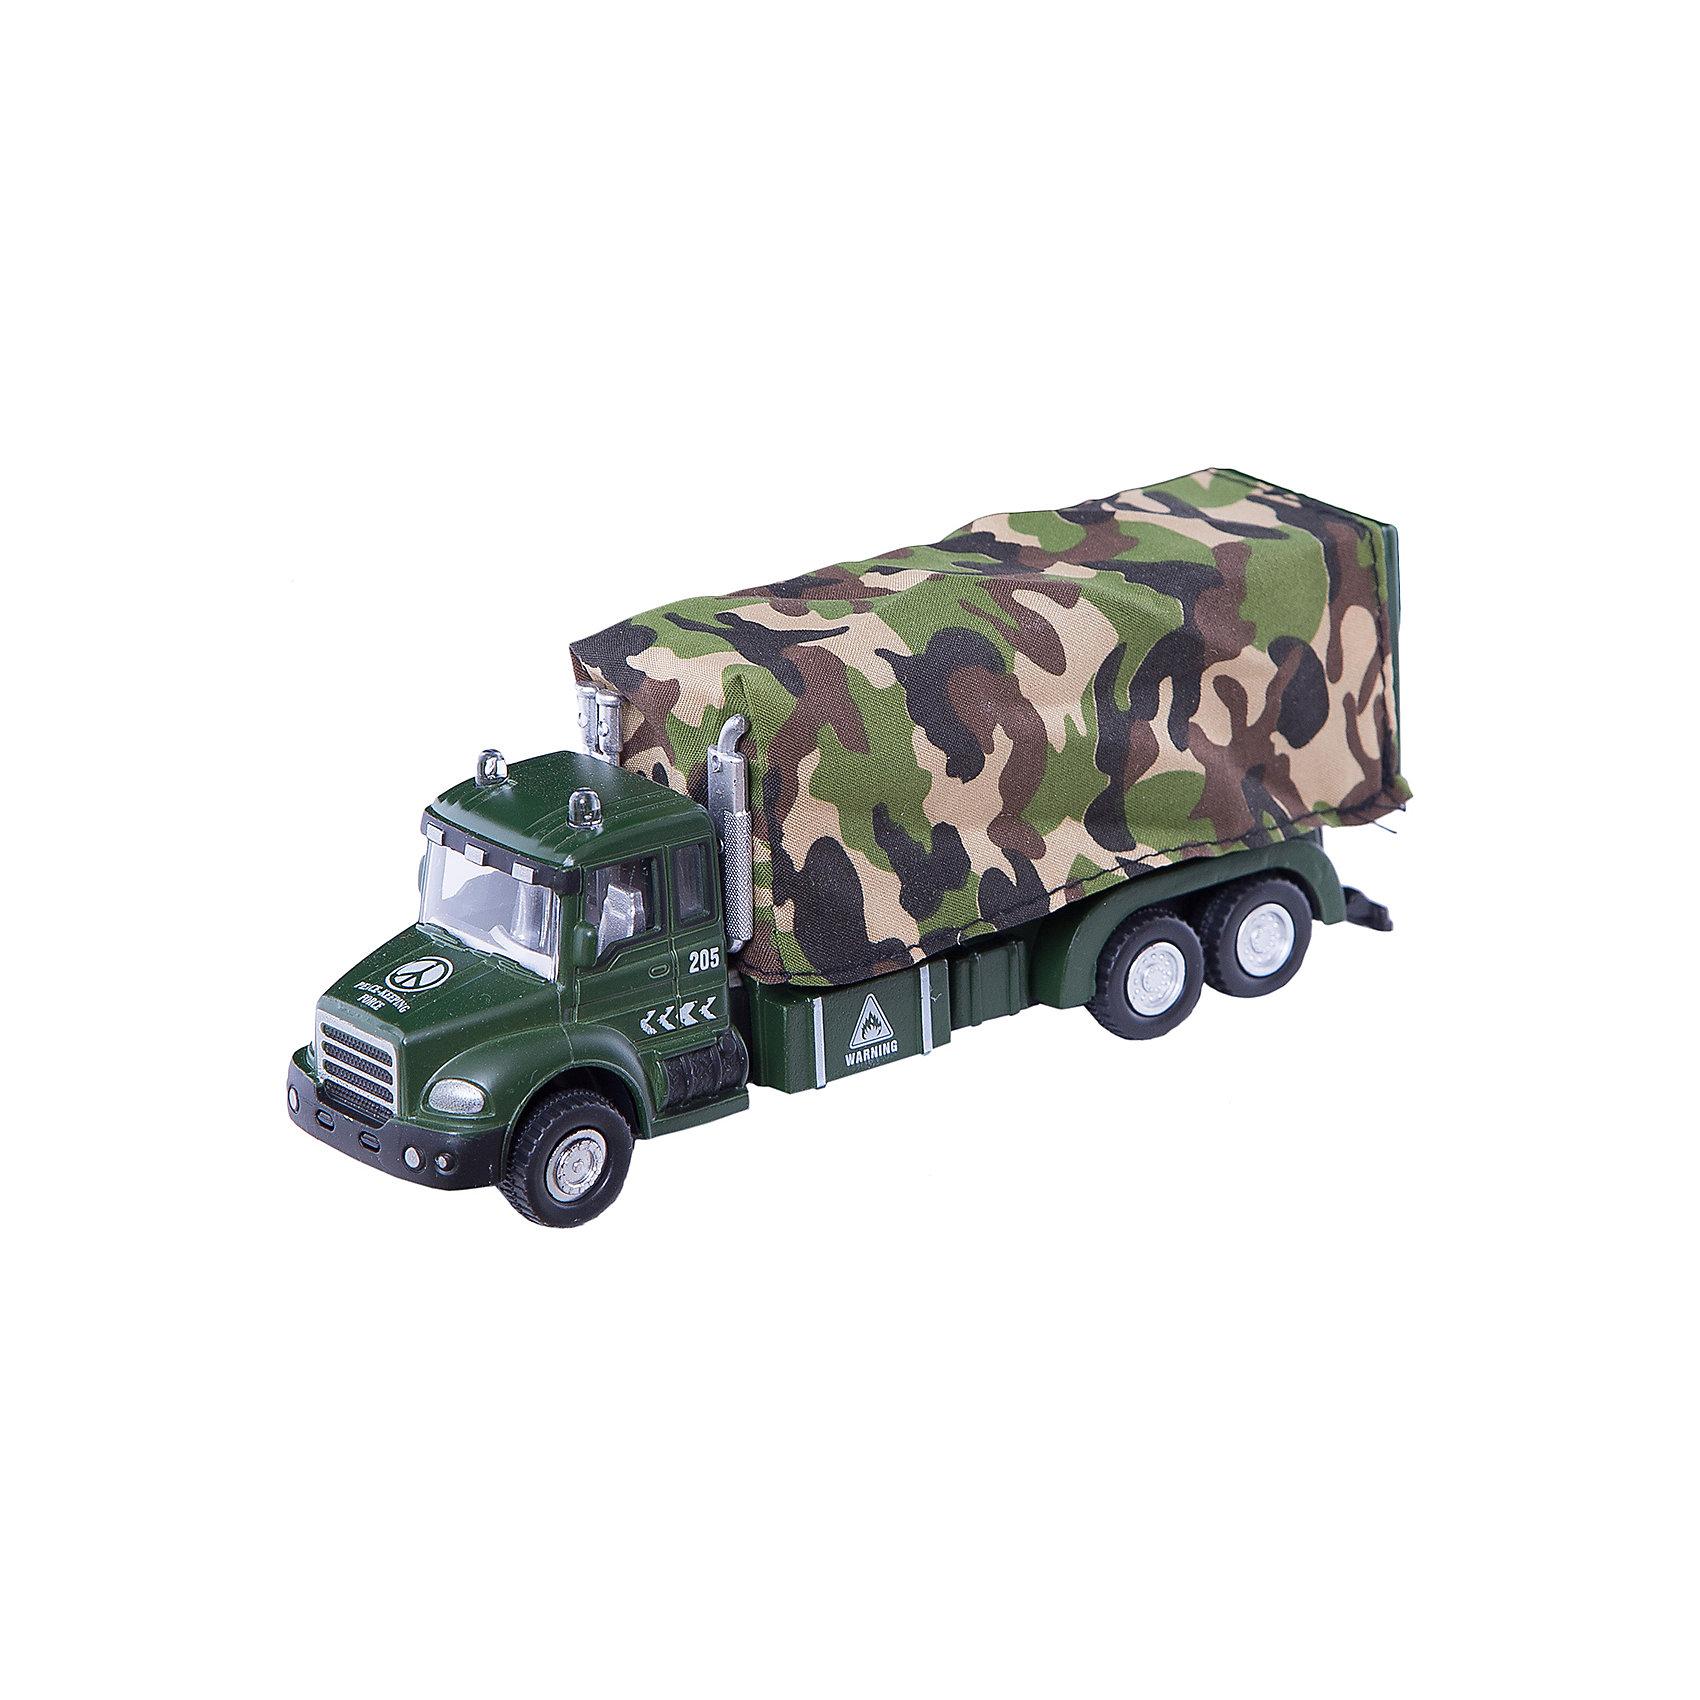 Машинка Military Truck с тентом 1:48, AutotimeМашинки<br>Характеристики товара:<br><br>• цвет: зеленый<br>• возраст: от 3 лет<br>• материал: металл, пластик<br>• масштаб: 1:48<br>• колеса вращаются<br>• размер упаковки: 16х6х7 см<br>• вес с упаковкой: 100 г<br>• страна бренда: Россия, Китай<br>• страна изготовитель: Китай<br><br>Эта коллекционная модель машинки отличается высокой детализацией. Окна - прозрачные, поэтому через них можно увидеть салон.<br><br>Сделана машинка из прочного и безопасного материала. Модель с кузовом.<br><br>Машинку «Military Truck» с тентом 1:48, Autotime (Автотайм) можно купить в нашем интернет-магазине.<br><br>Ширина мм: 165<br>Глубина мм: 57<br>Высота мм: 75<br>Вес г: 13<br>Возраст от месяцев: 36<br>Возраст до месяцев: 2147483647<br>Пол: Мужской<br>Возраст: Детский<br>SKU: 5584056